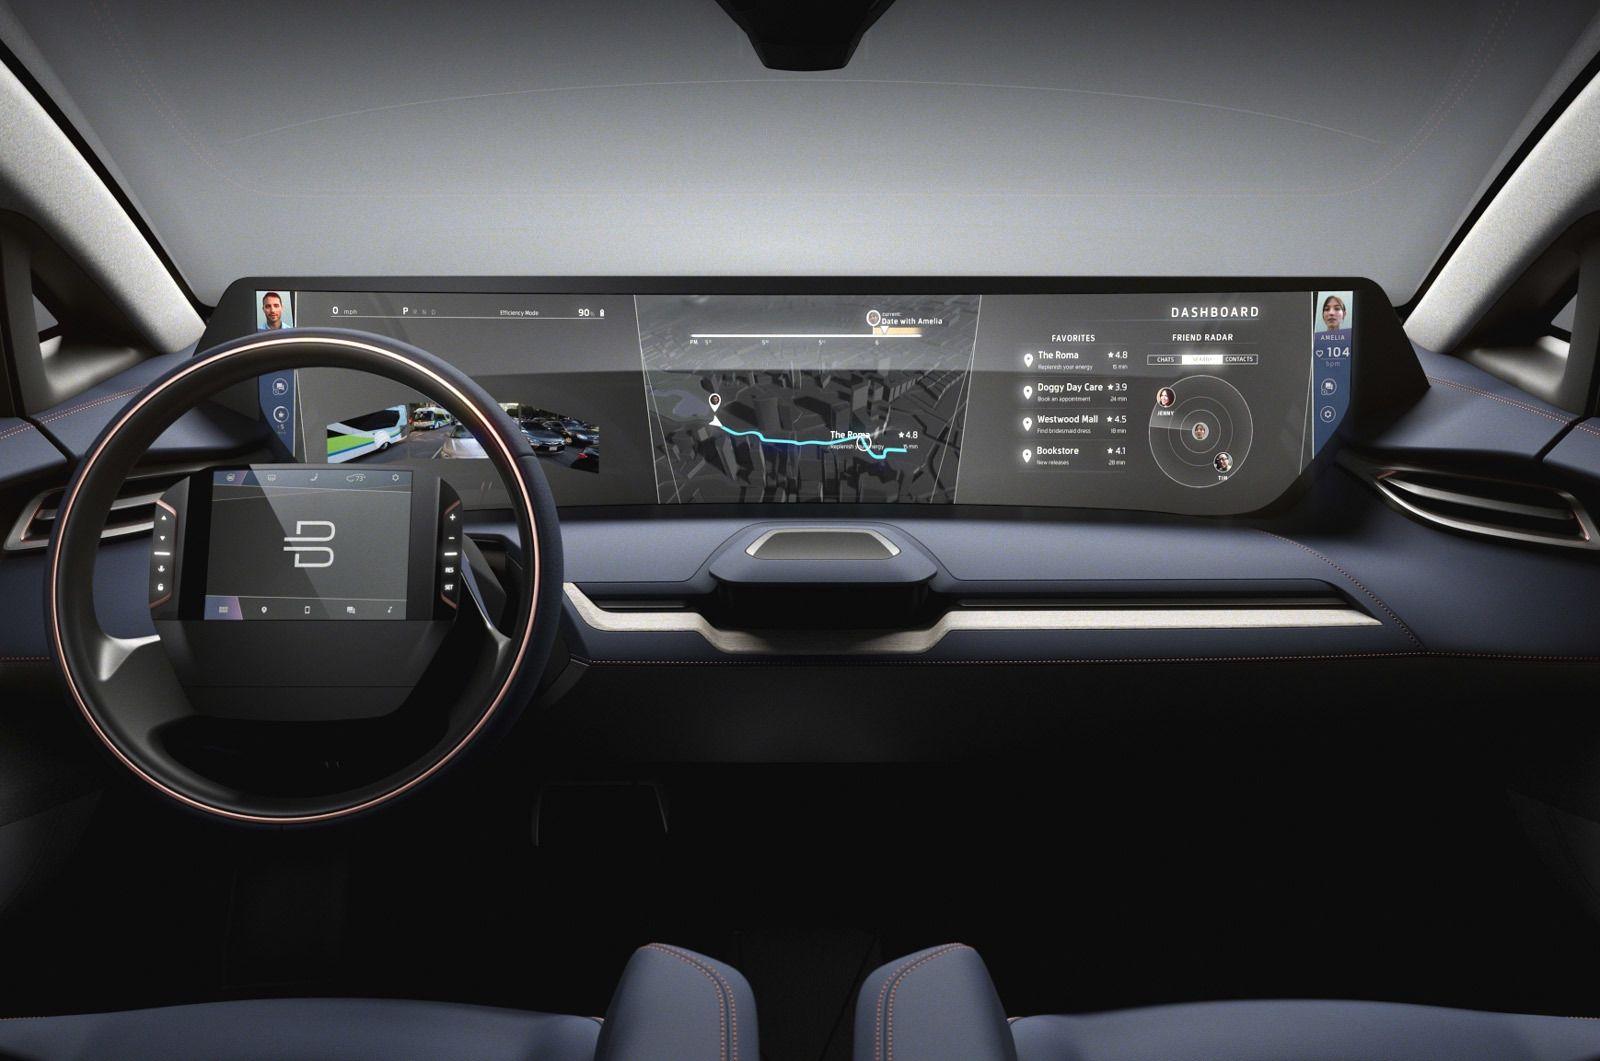 Byton skal vise frem en ganske unik bil på CES-messen. Bilde: Byton